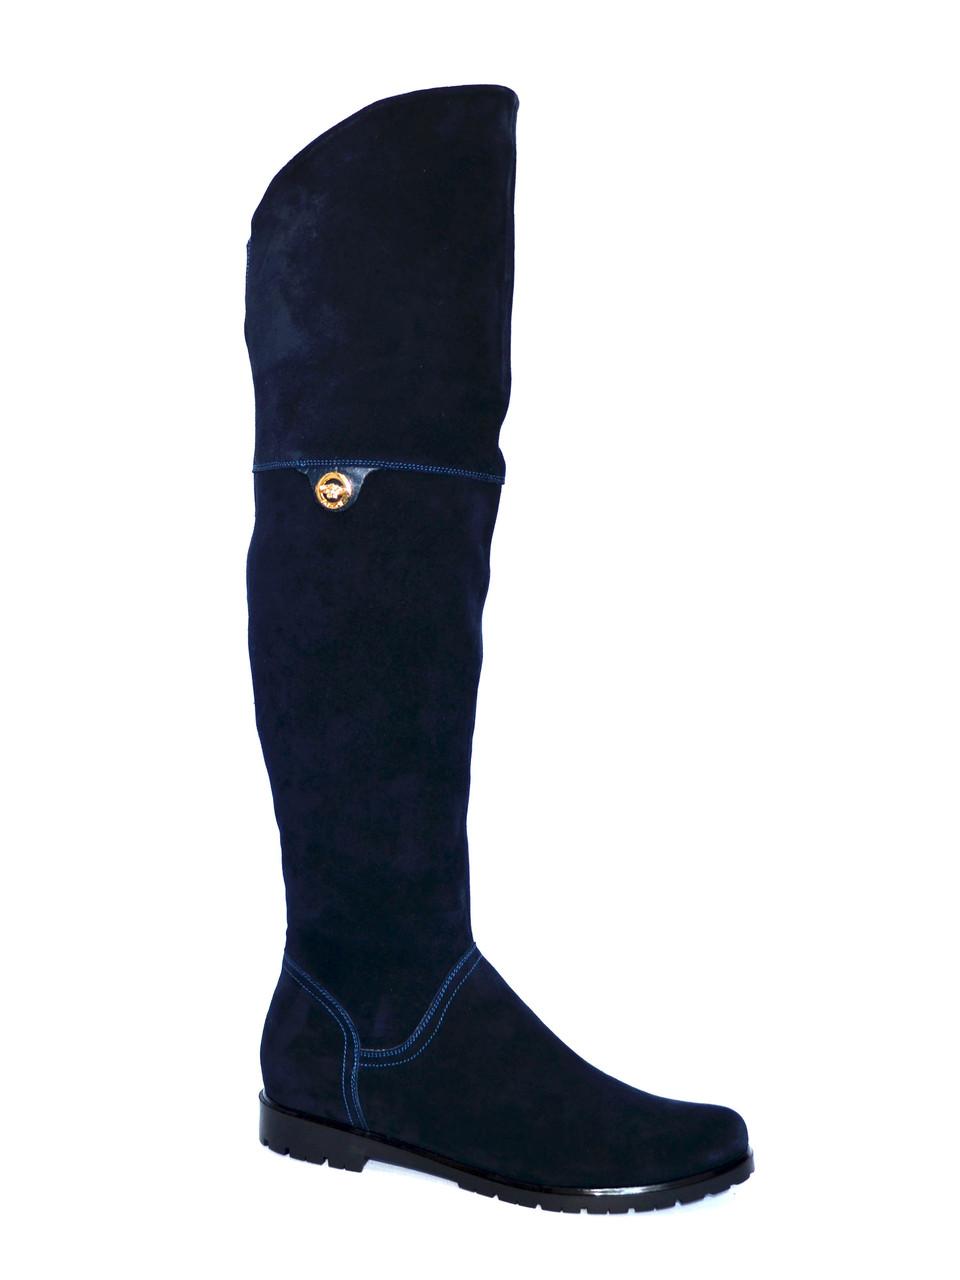 Замшевые синие женские демисезонные ботфорты, декорированы брошкой.